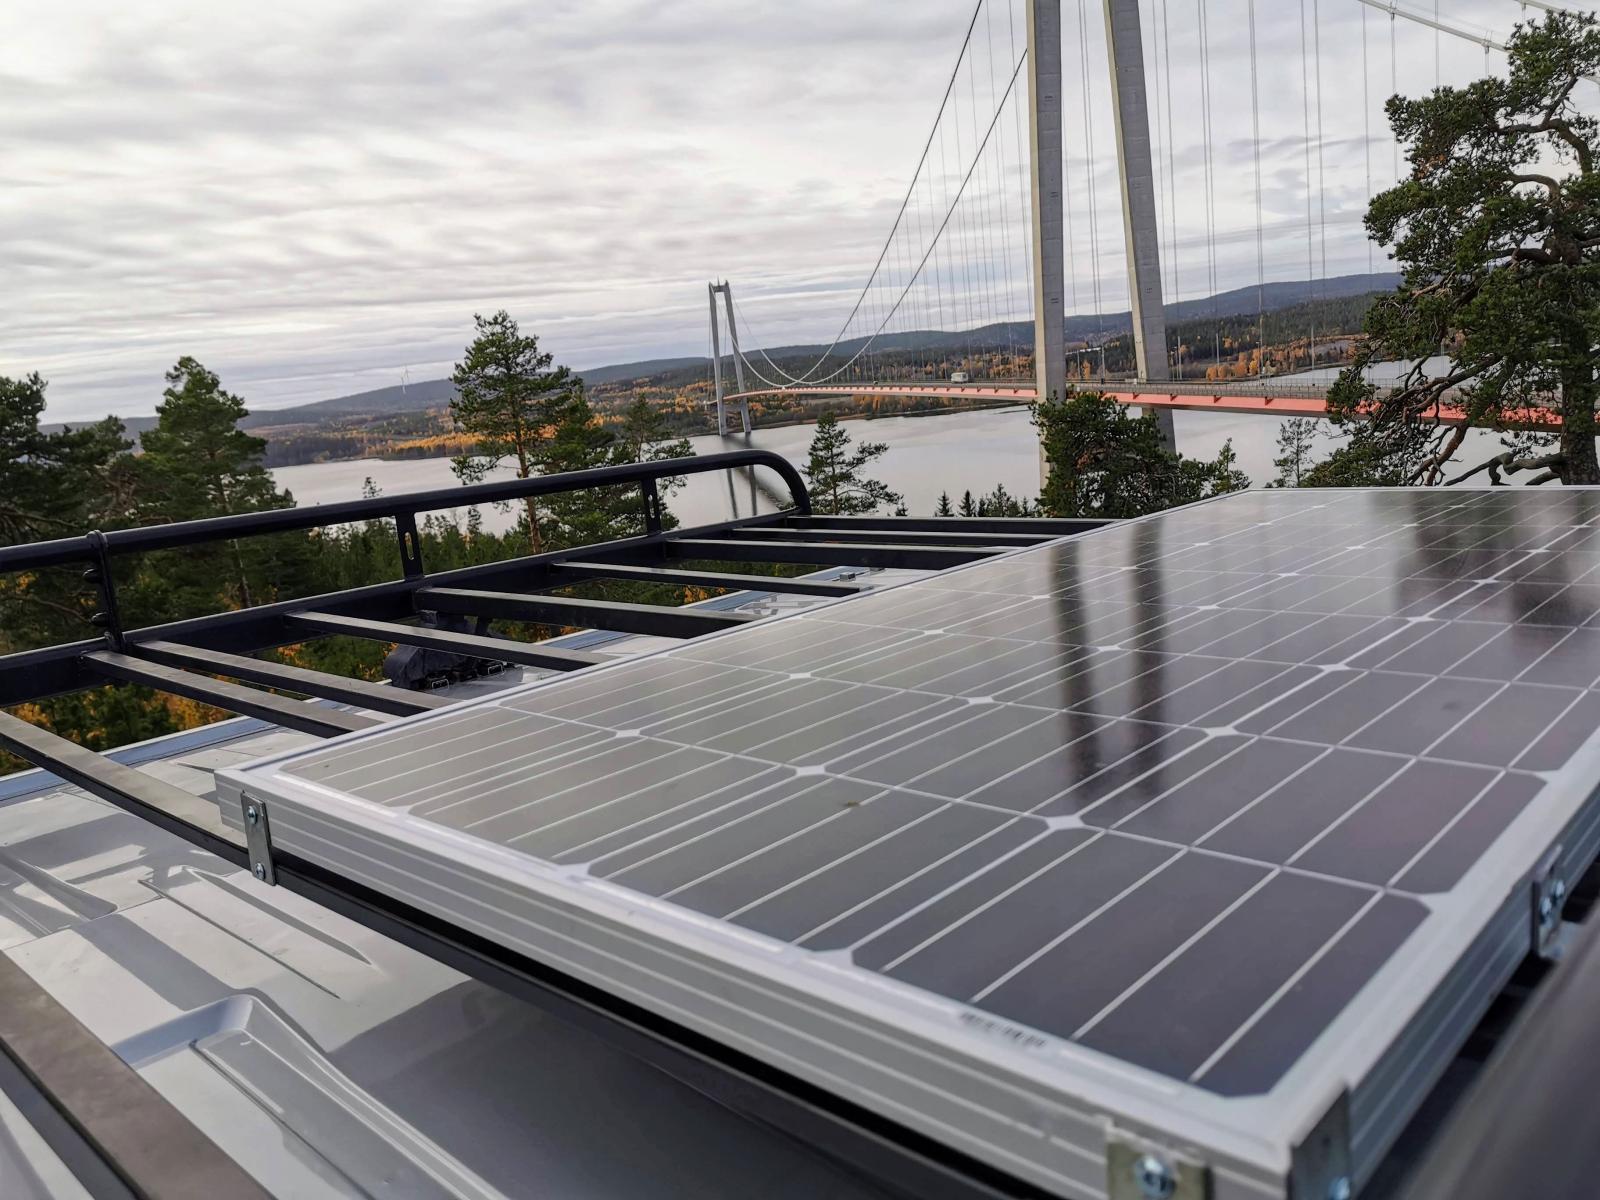 Solpanelen kan behöva städas från damm efter avställning. Kolla panelens fästen och kablar när du ändå klättrar på taket.